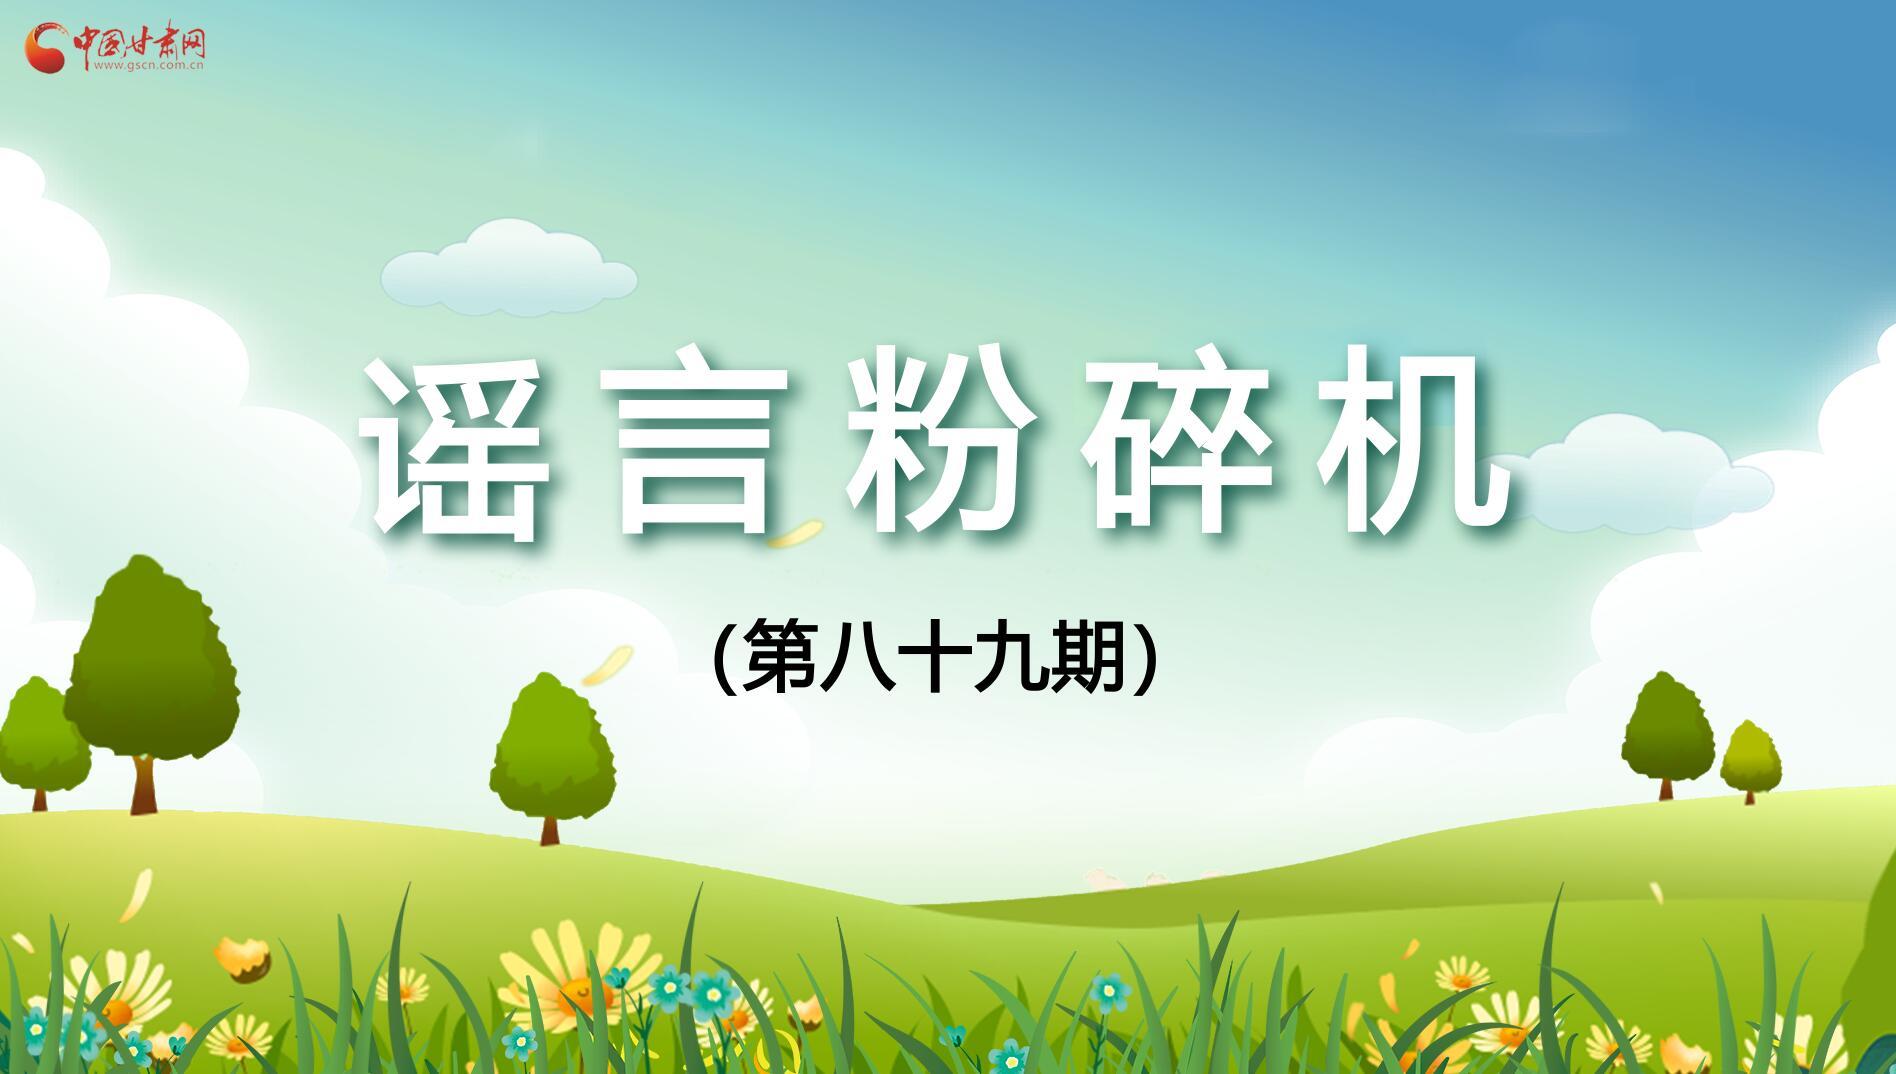 【洋芋蛋视频】谣言粉碎机(八十九)上海不缺电!深圳、上海、天津等地中小学提前放寒假?——官方辟谣